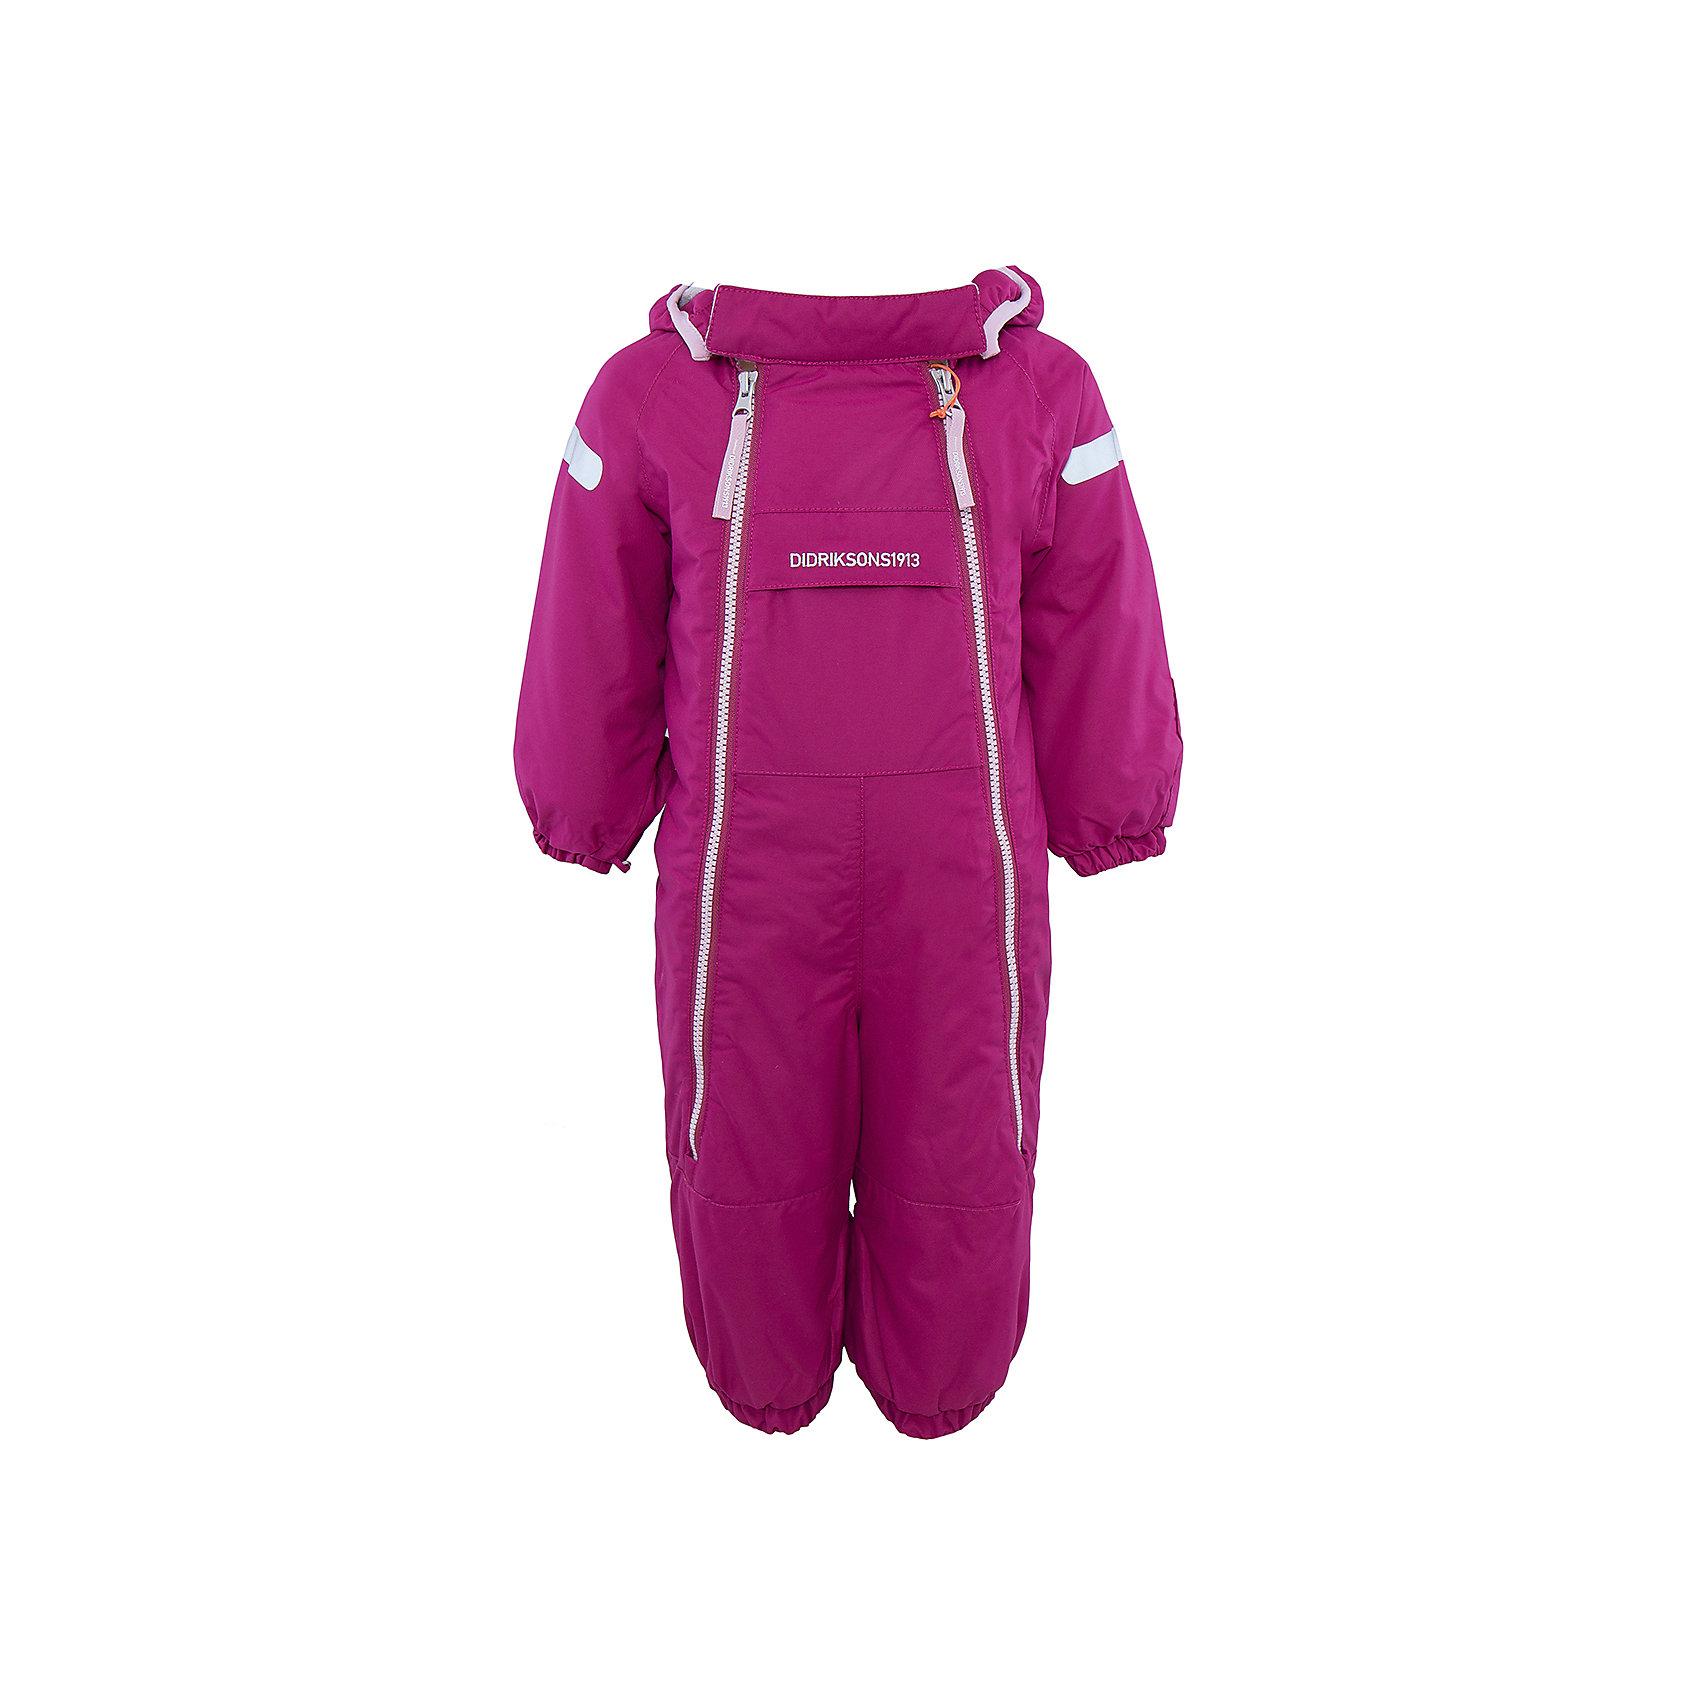 Комбинезон Borga для девочки DIDRIKSONSВерхняя одежда<br>Характеристики товара:<br><br>• цвет: фиолетовый<br>• материал: 100% полиамид, подкладка 100% полиэстер<br>• утеплитель: 120 г/м<br>• сезон: зима<br>• температурный режим от +5 до -20С<br>• непромокаемая и непродуваемая ткань<br>• манжеты и низ штанин на резинке<br>• дополнительная пропитка верха<br>• прокленные швы<br>• регулируемый съемный капюшон<br>• две фронтальных молнии<br>• светоотражающие детали<br>• страна бренда: Швеция<br>• страна производства: Бангладеш<br><br>Такой комбинезон незаменим дя малышей в межсезонье! Это не только стильно, но еще и очень комфортно, а также тепло. Он обеспечит ребенку удобство при прогулках. Комбинезон от шведского производителя легко трансформируется под погодные условия.<br>Модель сшита из непродуваемой ткани, она еще и не продувается. Очень стильная и удобная модель! Изделие качественно выполнено, сделано из безопасных для детей материалов. <br><br>Комбинезон для девочки от бренда DIDRIKSONS можно купить в нашем интернет-магазине.<br><br>Ширина мм: 356<br>Глубина мм: 10<br>Высота мм: 245<br>Вес г: 519<br>Цвет: лиловый<br>Возраст от месяцев: 12<br>Возраст до месяцев: 15<br>Пол: Женский<br>Возраст: Детский<br>Размер: 80,60,70<br>SKU: 5043914